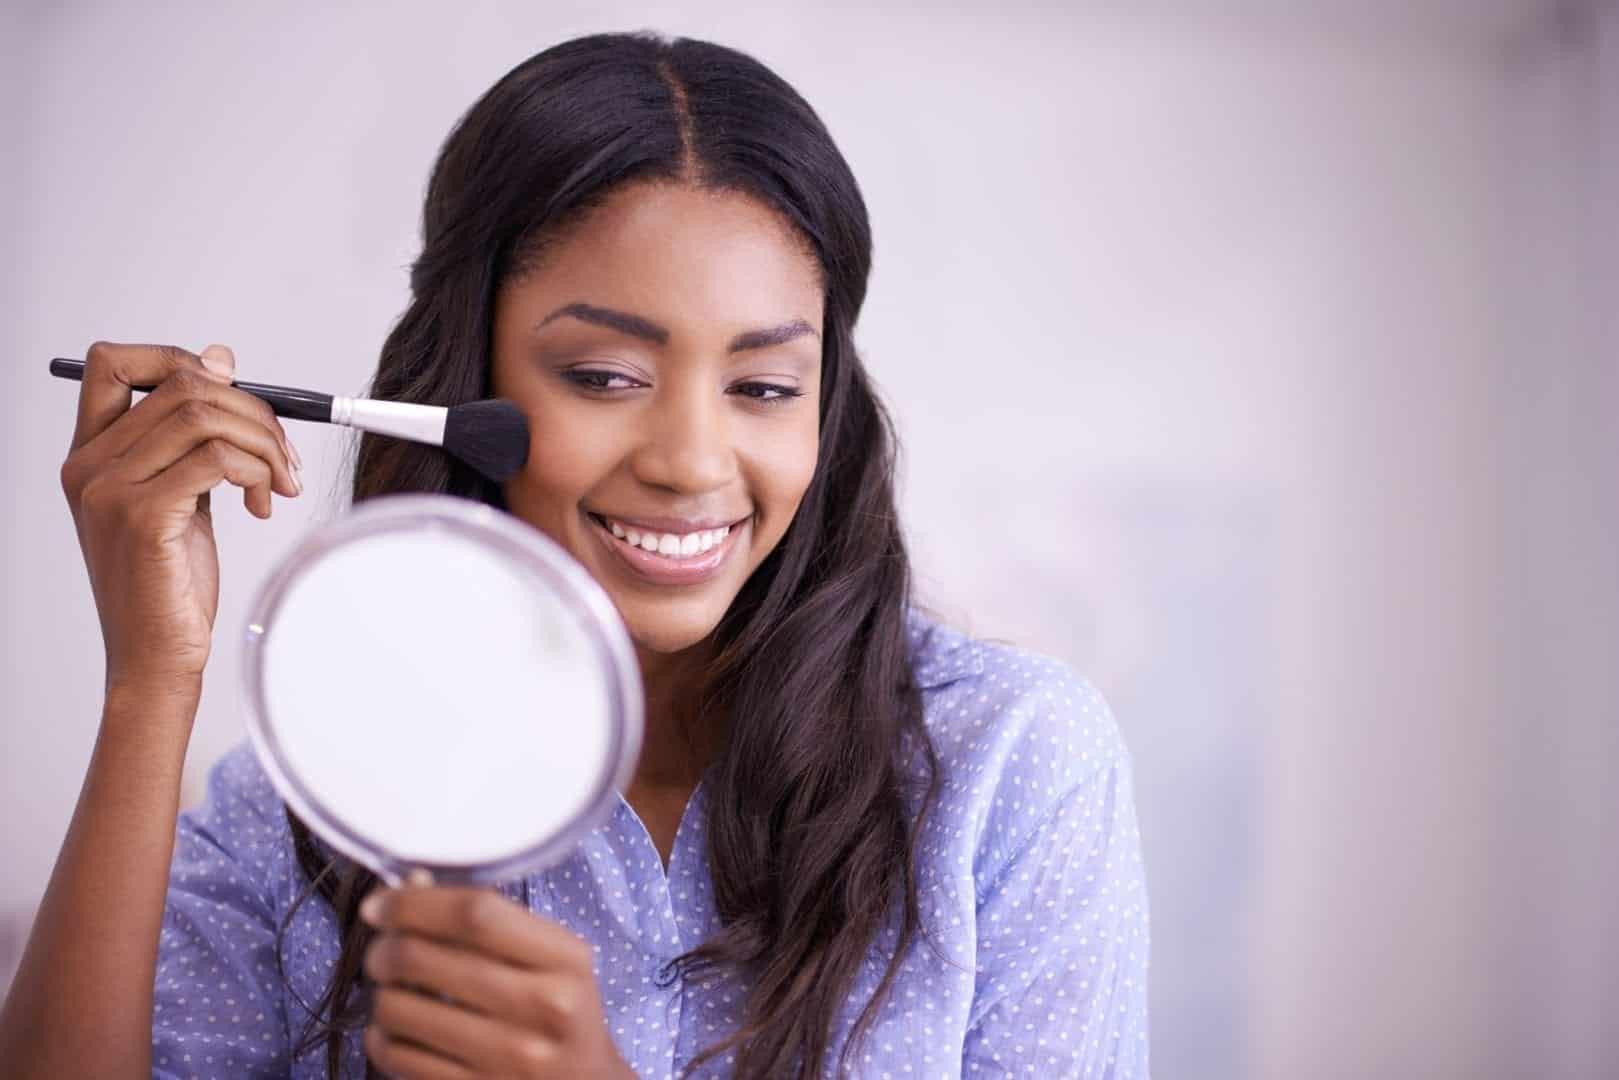 Maquiagem simples para casamento - Dicas para dia e noite